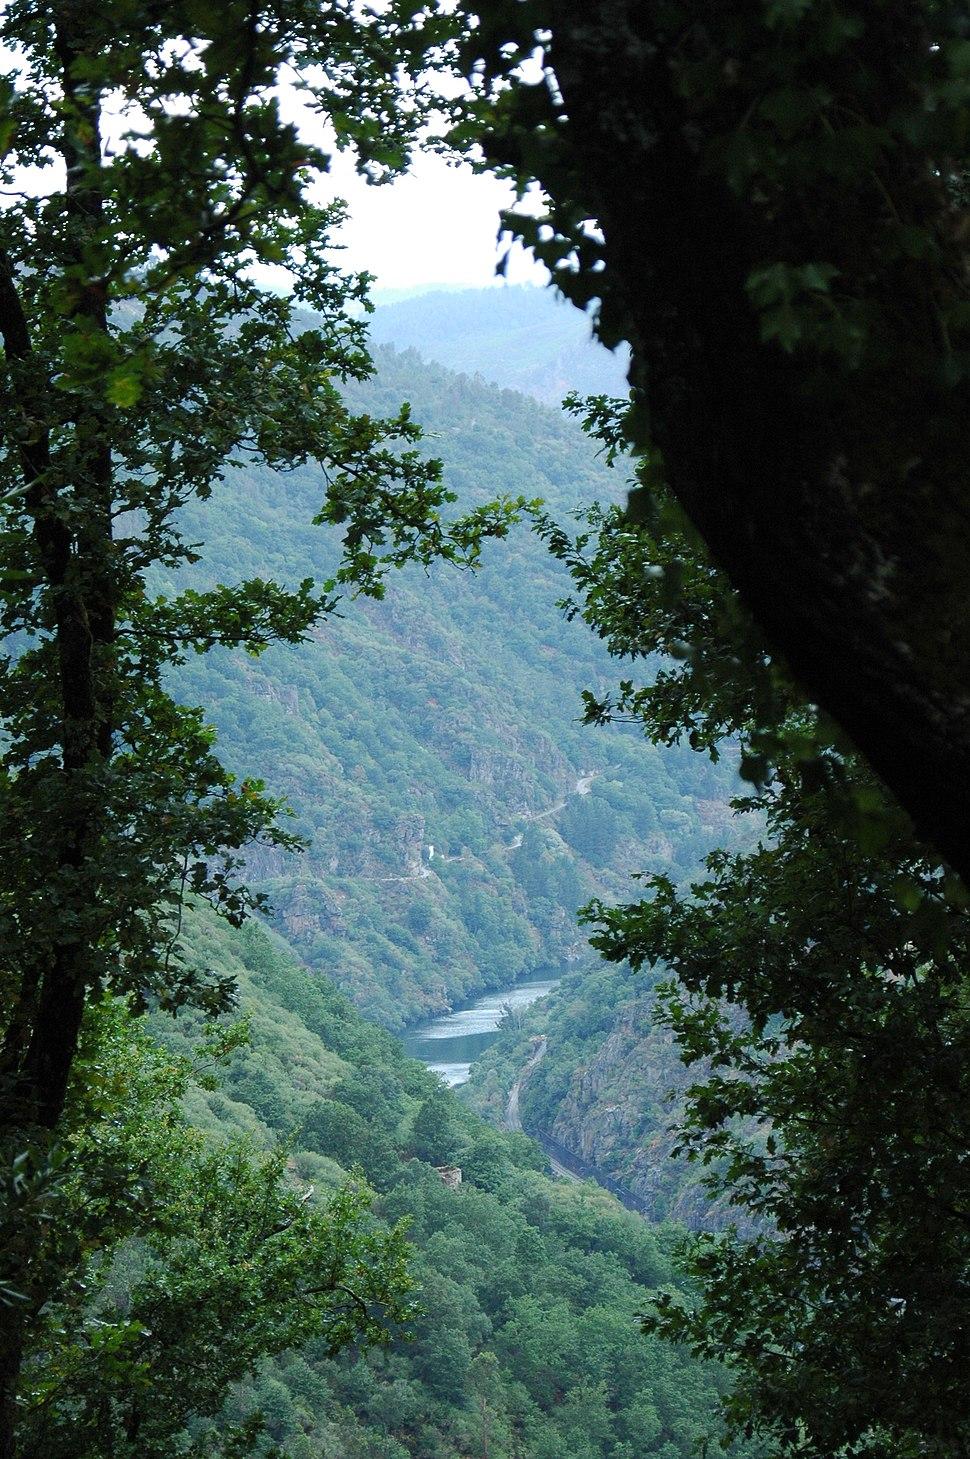 Vista desde o Parador Santo Estevo, Luíntra, Nogueira de Ramuín